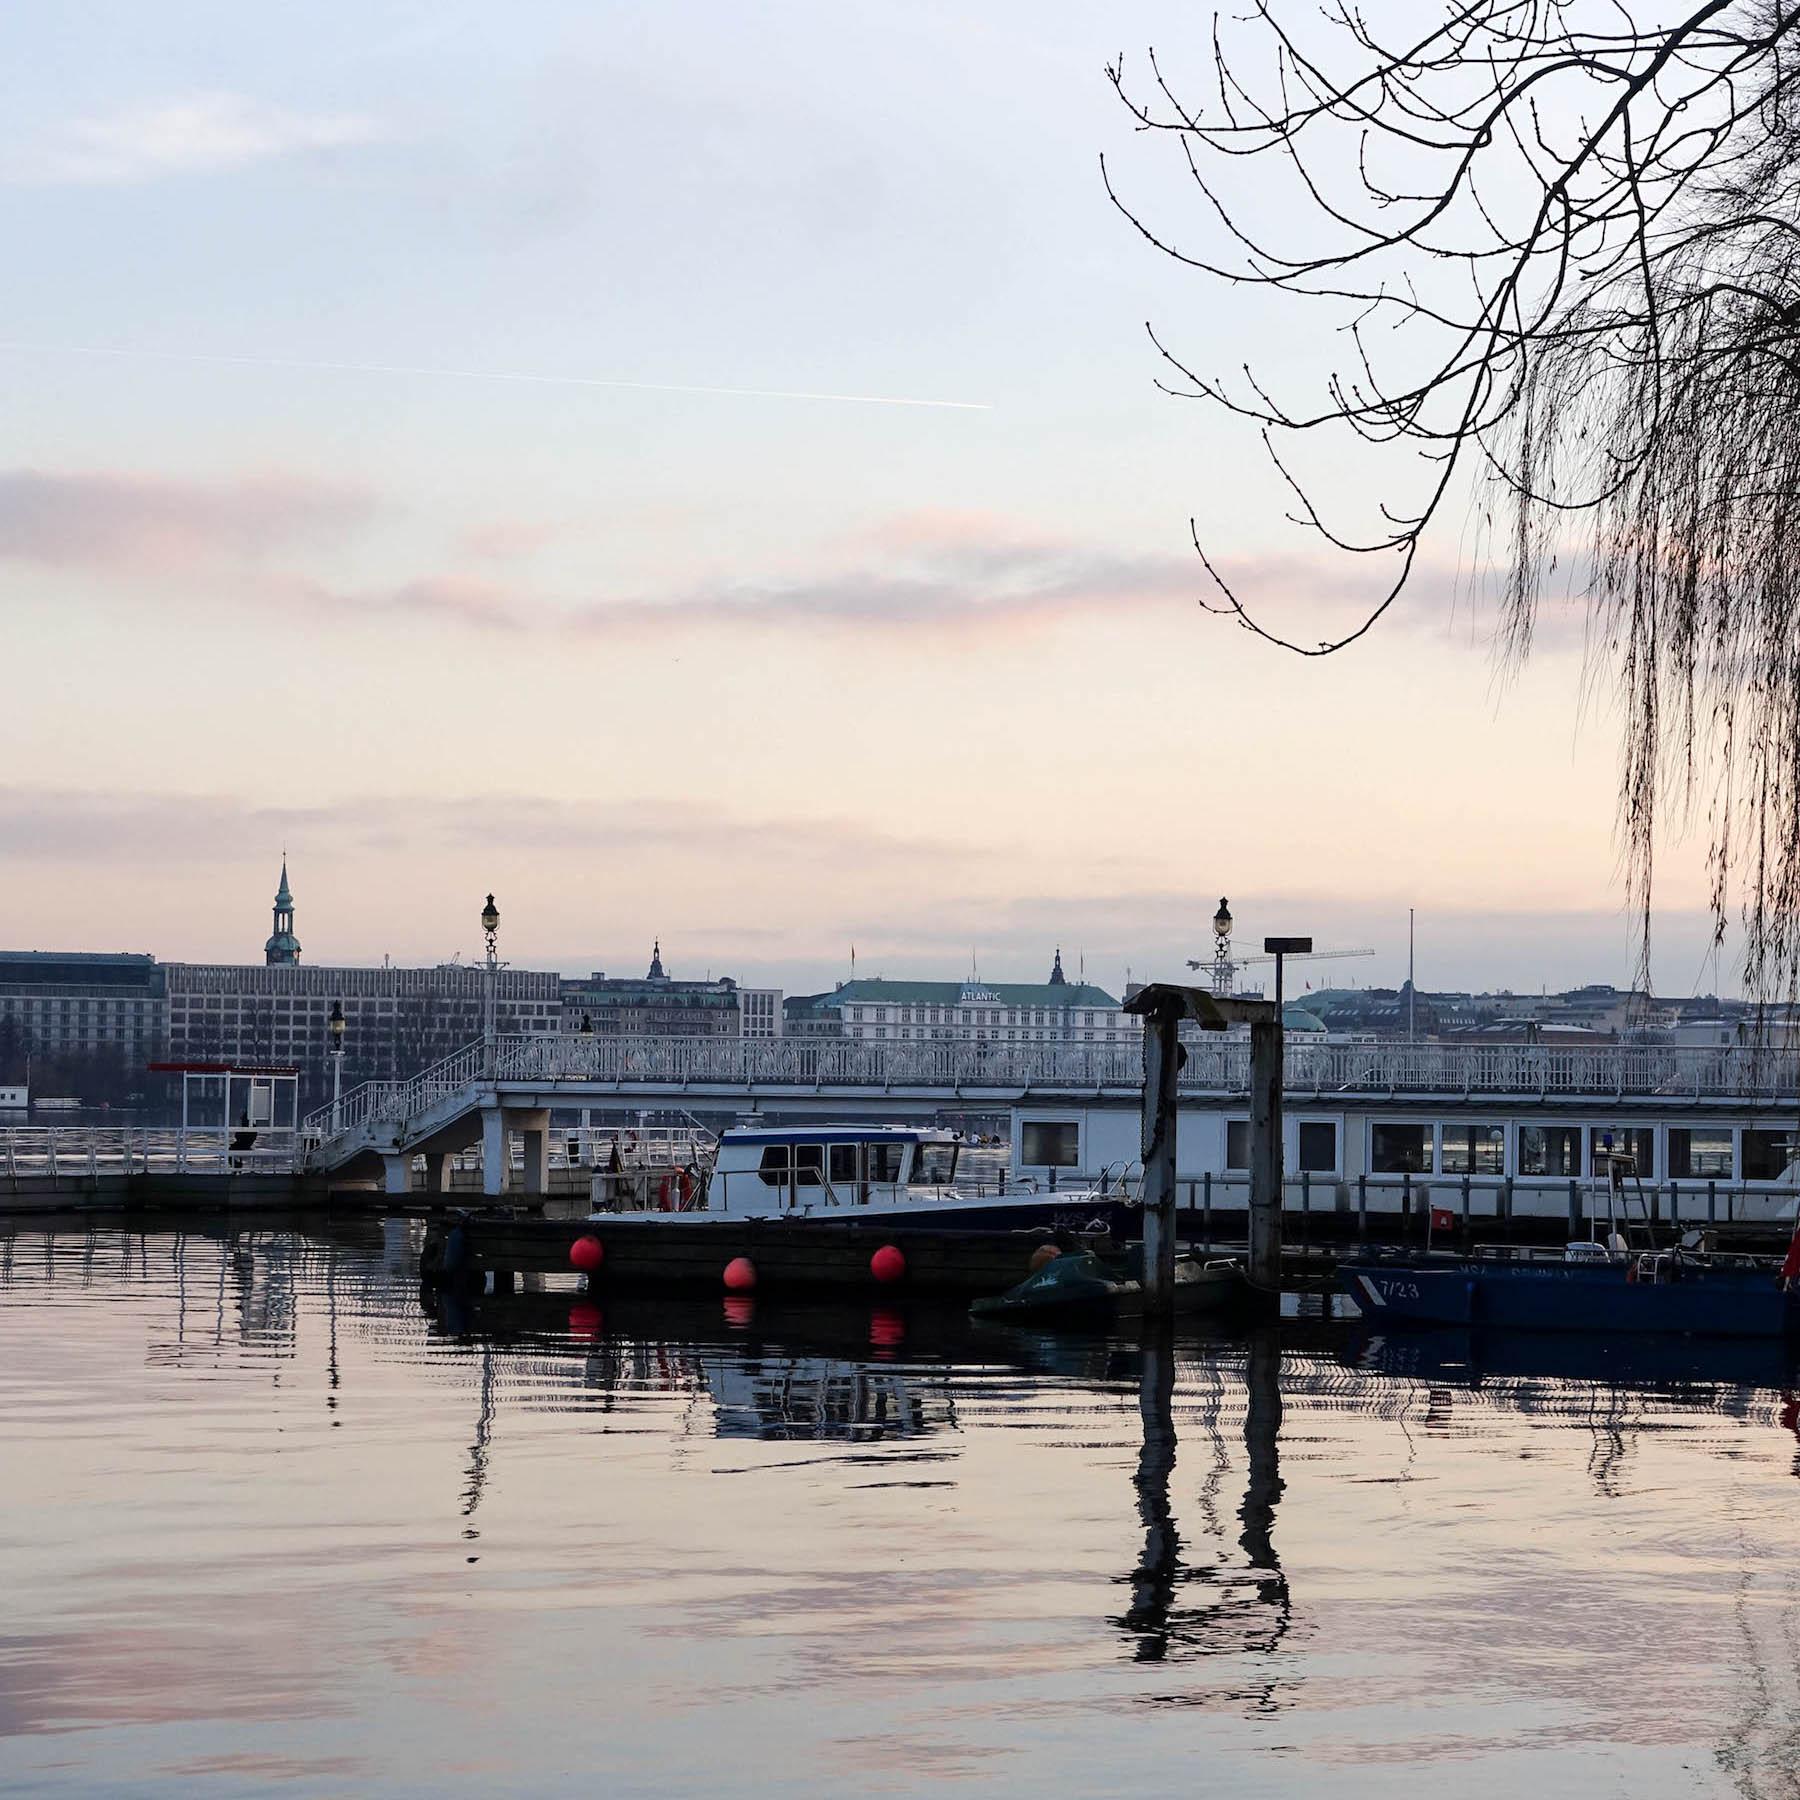 zeit zum nachdenken suelovesnyc_blog_hamburg_wochenruckblick_zeit_zum_nachdenken_weekly_update